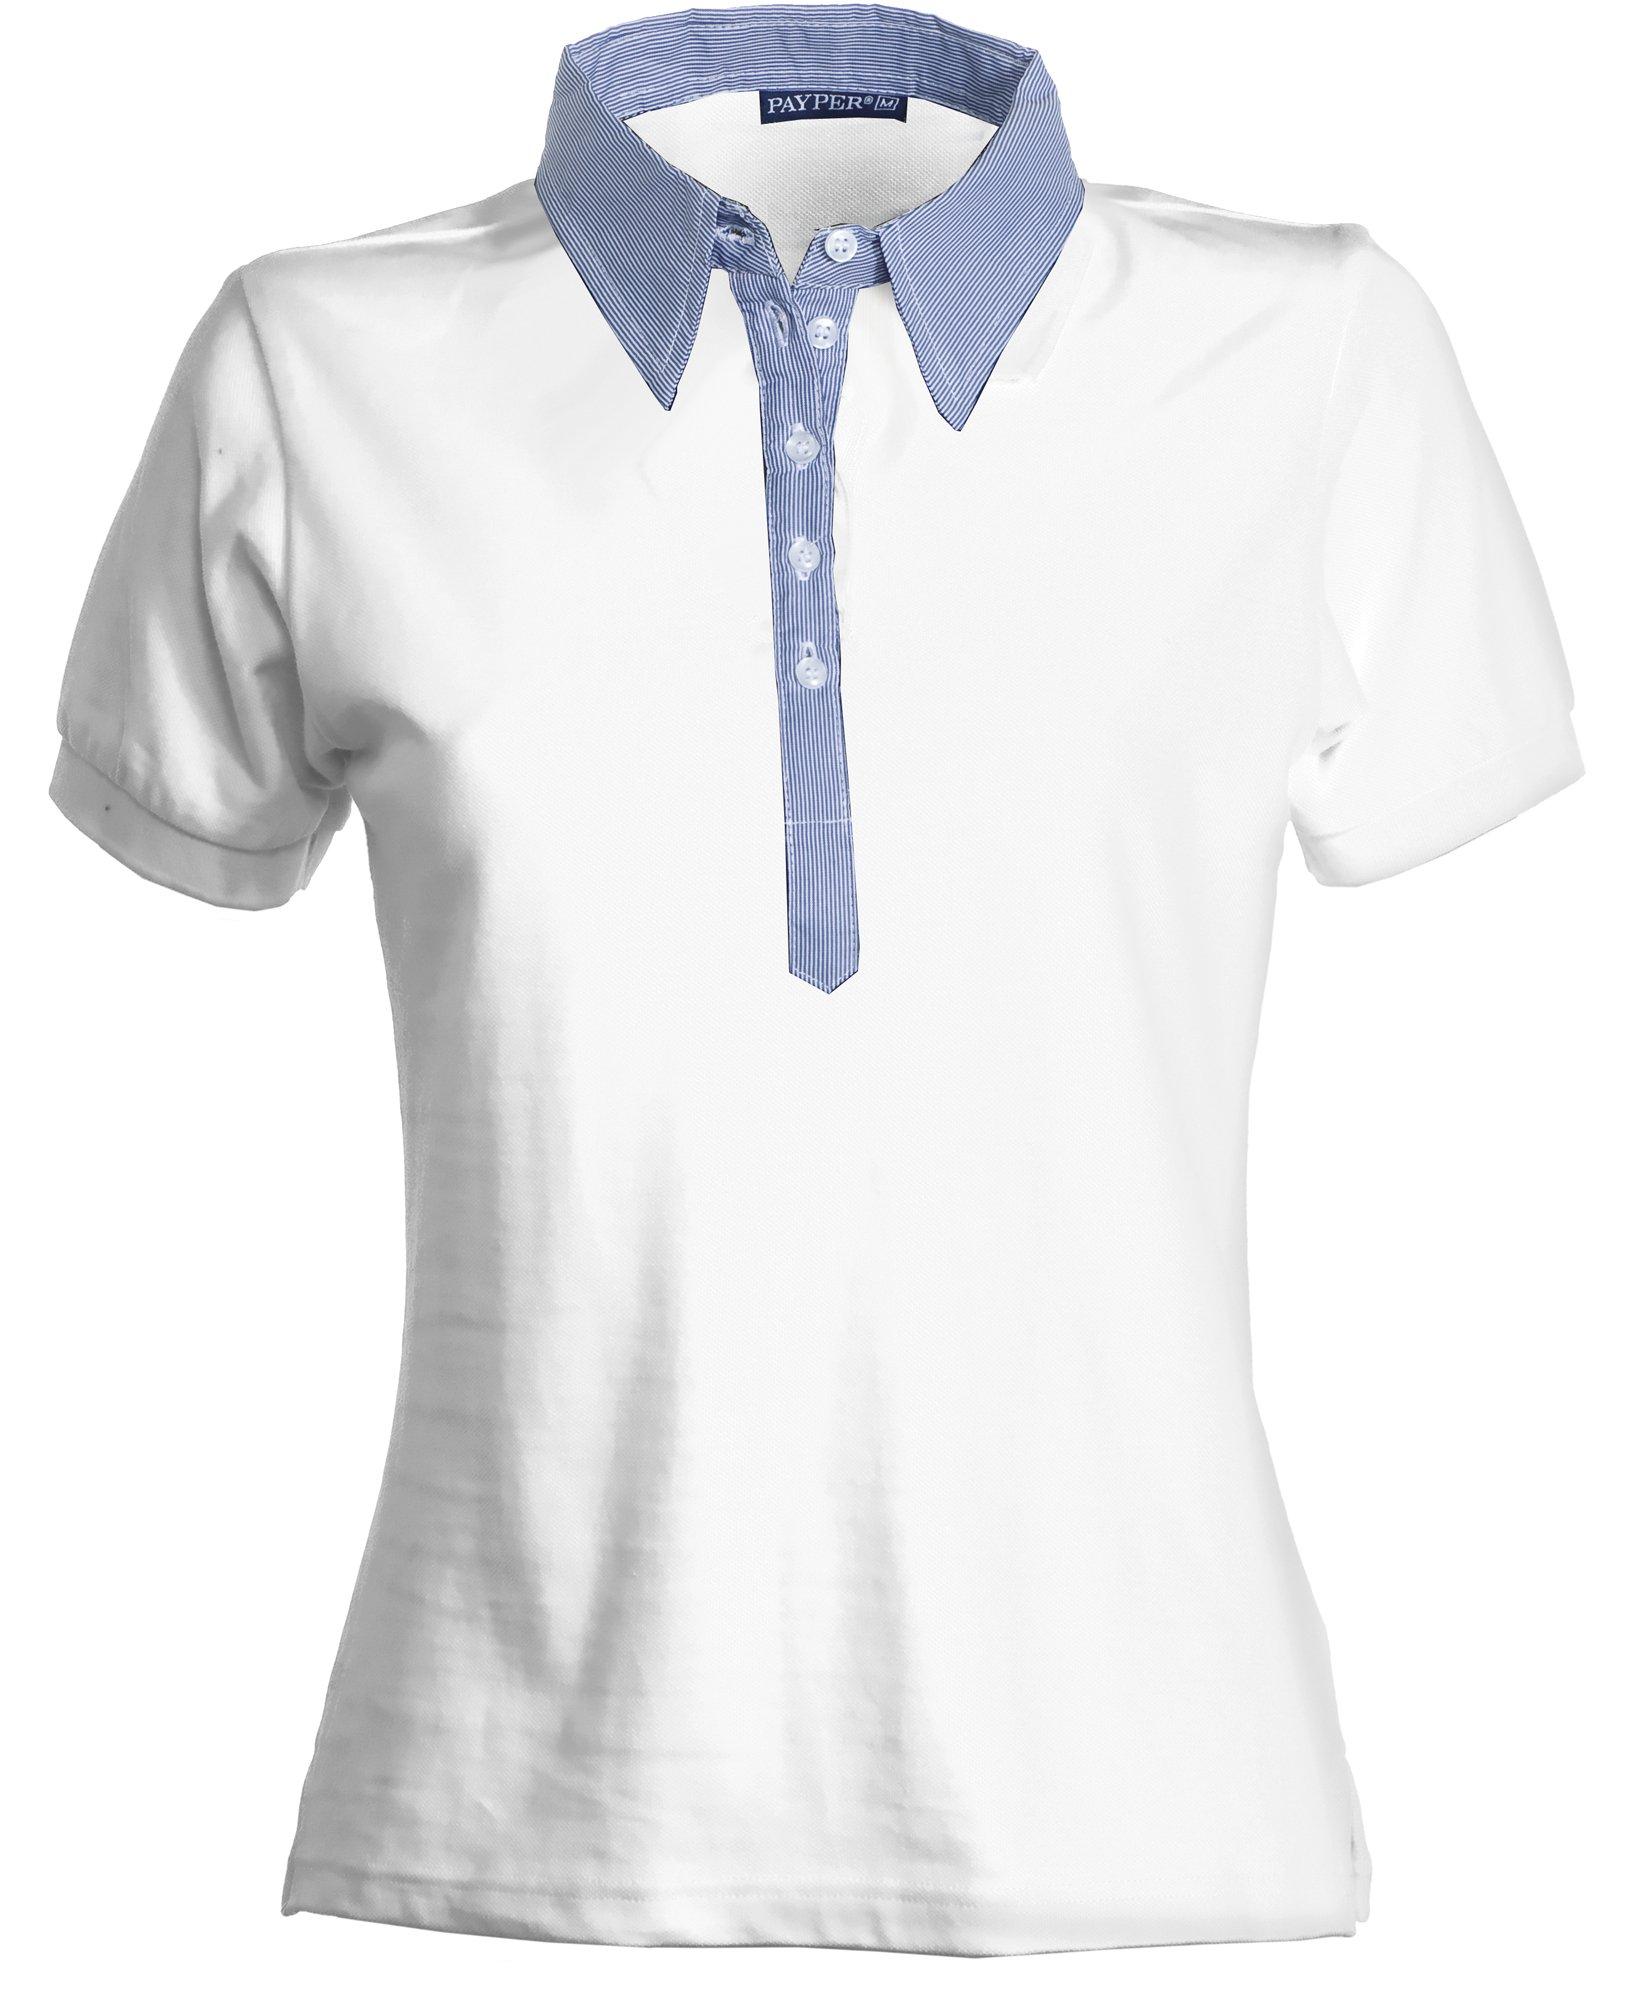 una maglietta da donna di color bianco con colletto di color azzurro